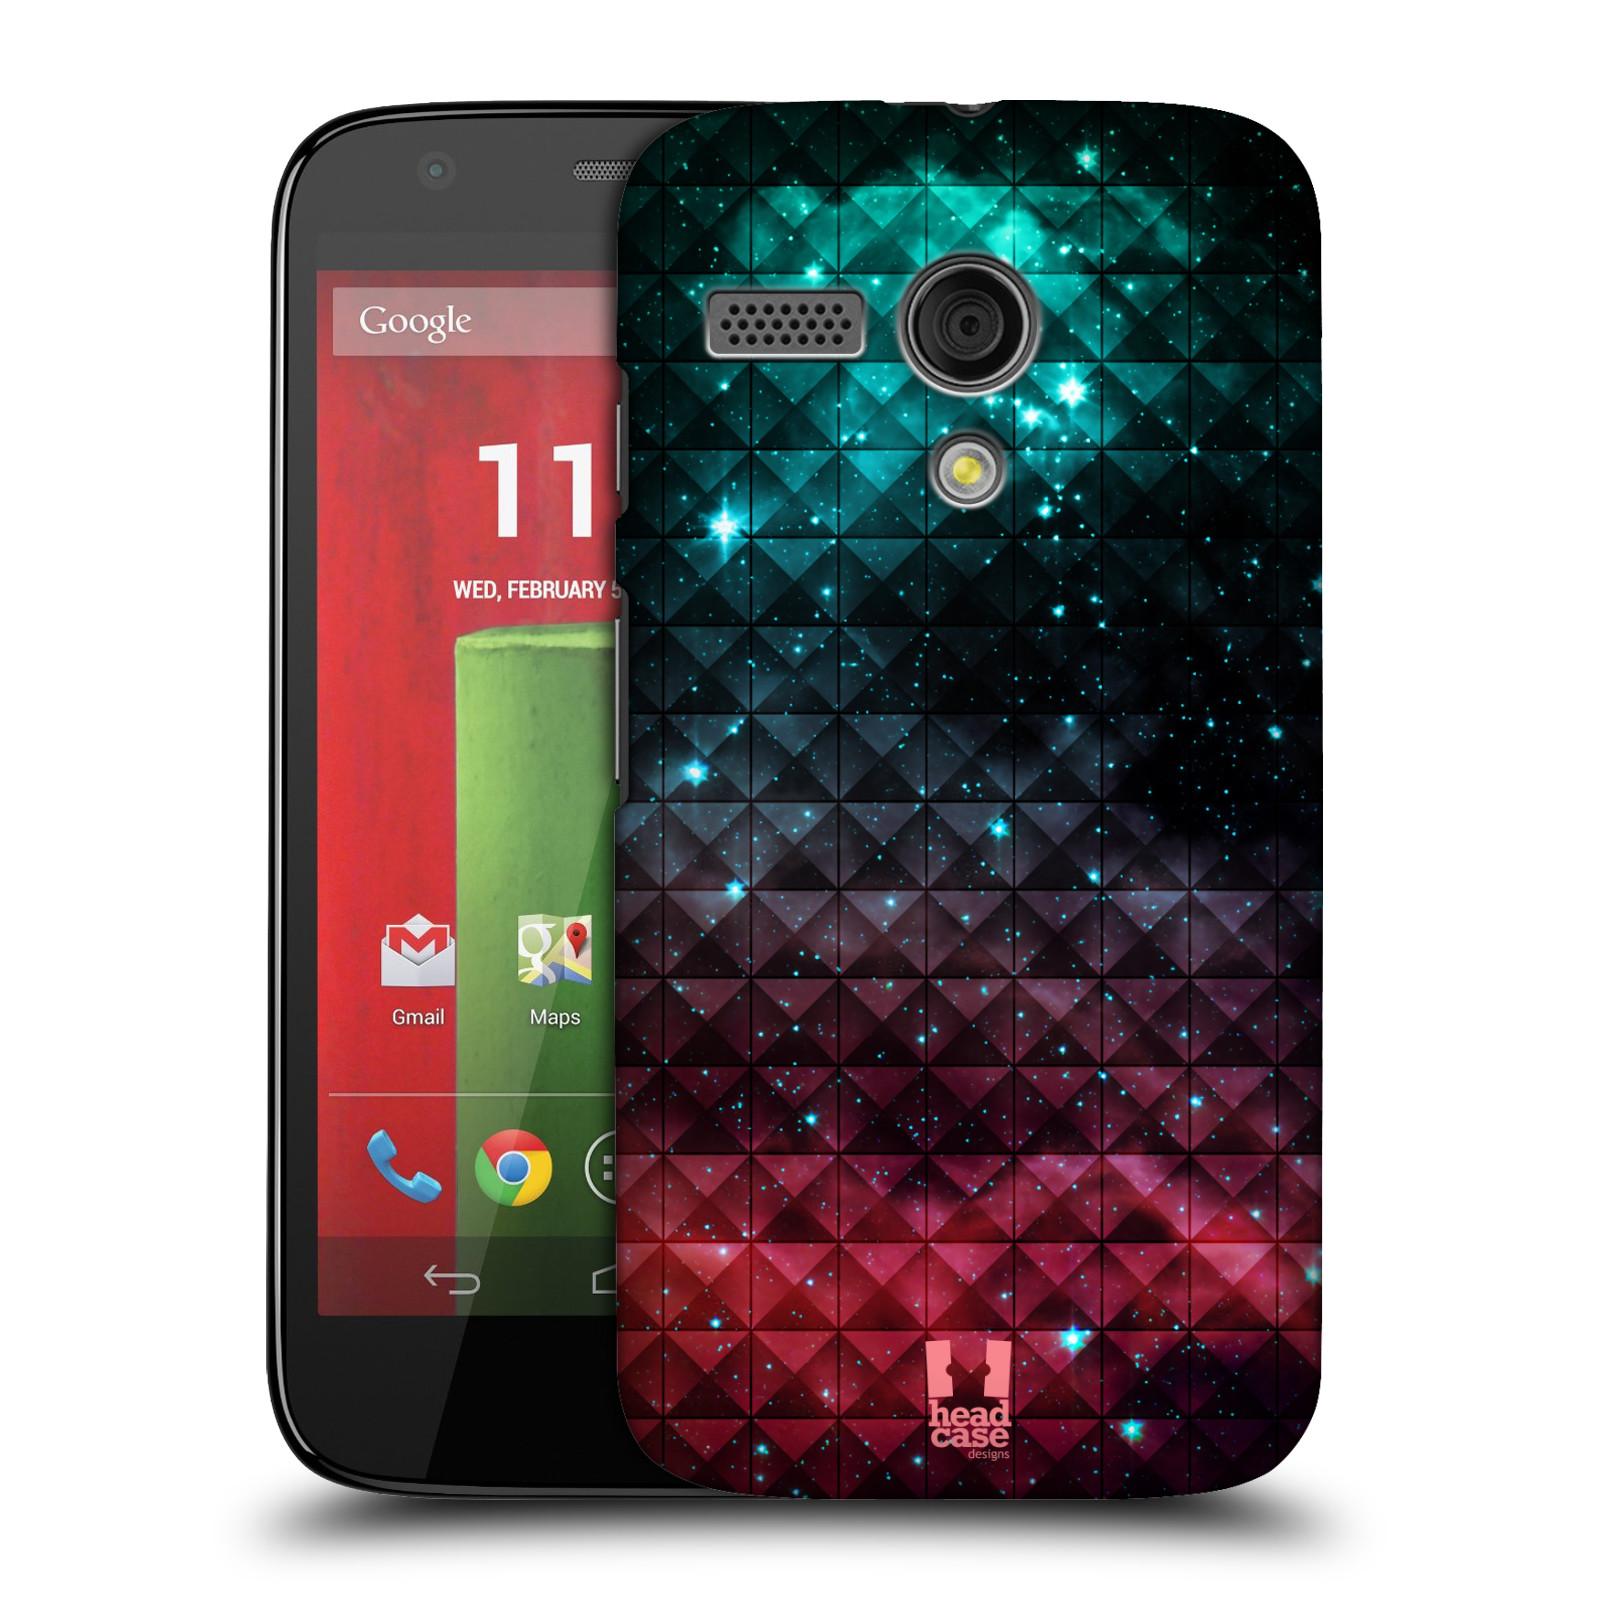 Plastové pouzdro na mobil Motorola Moto G HEAD CASE OMBRE SPARKLE (Kryt či obal na mobilní telefon Motorola Moto G)